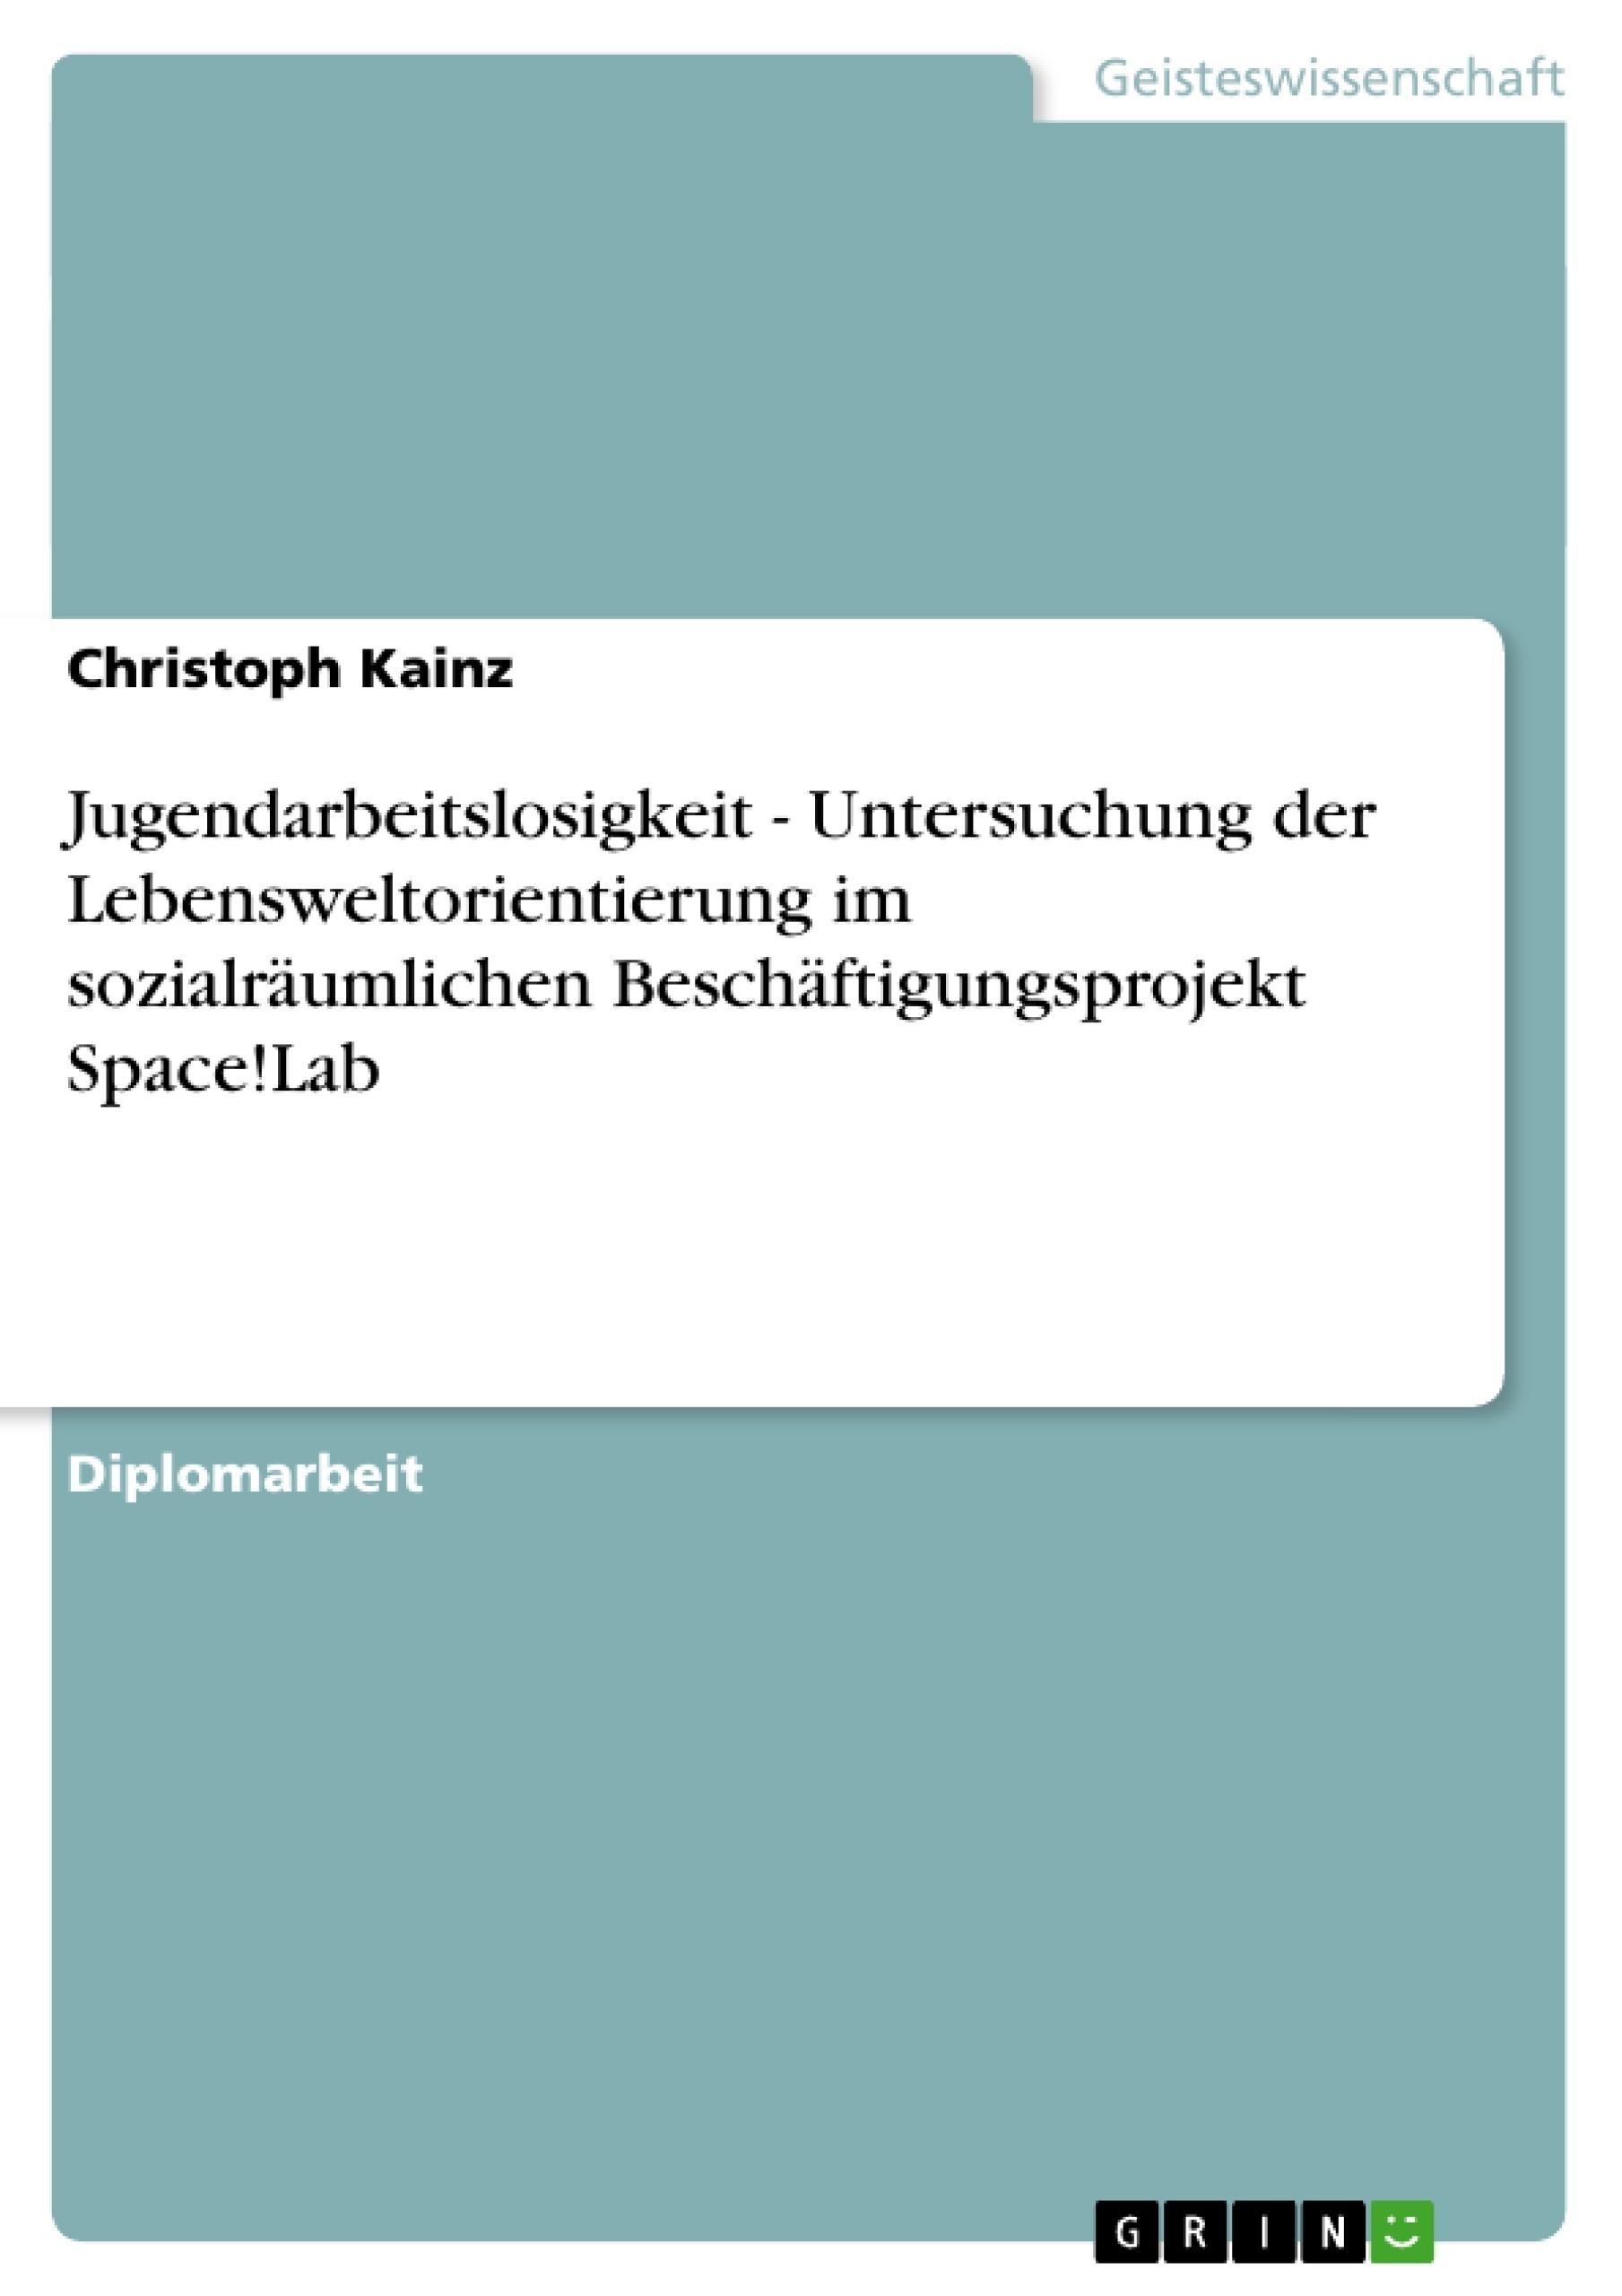 Titel: Jugendarbeitslosigkeit - Untersuchung der Lebensweltorientierung im sozialräumlichen Beschäftigungsprojekt Space!Lab